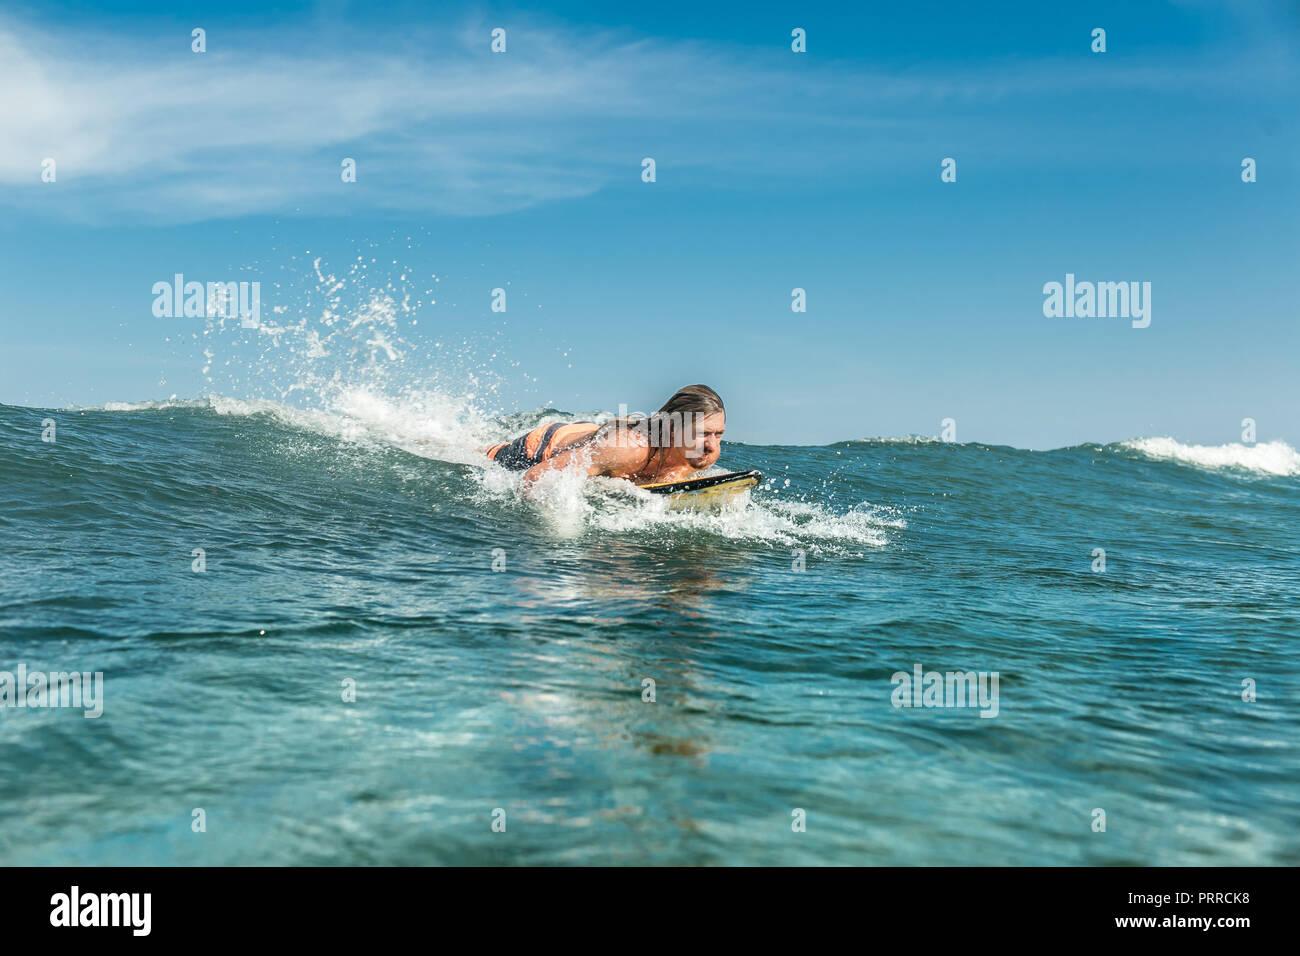 Natation athlète masculin sur le surf de l'océan en bord de plage de Nusa Dua, Bali, Indonésie Photo Stock